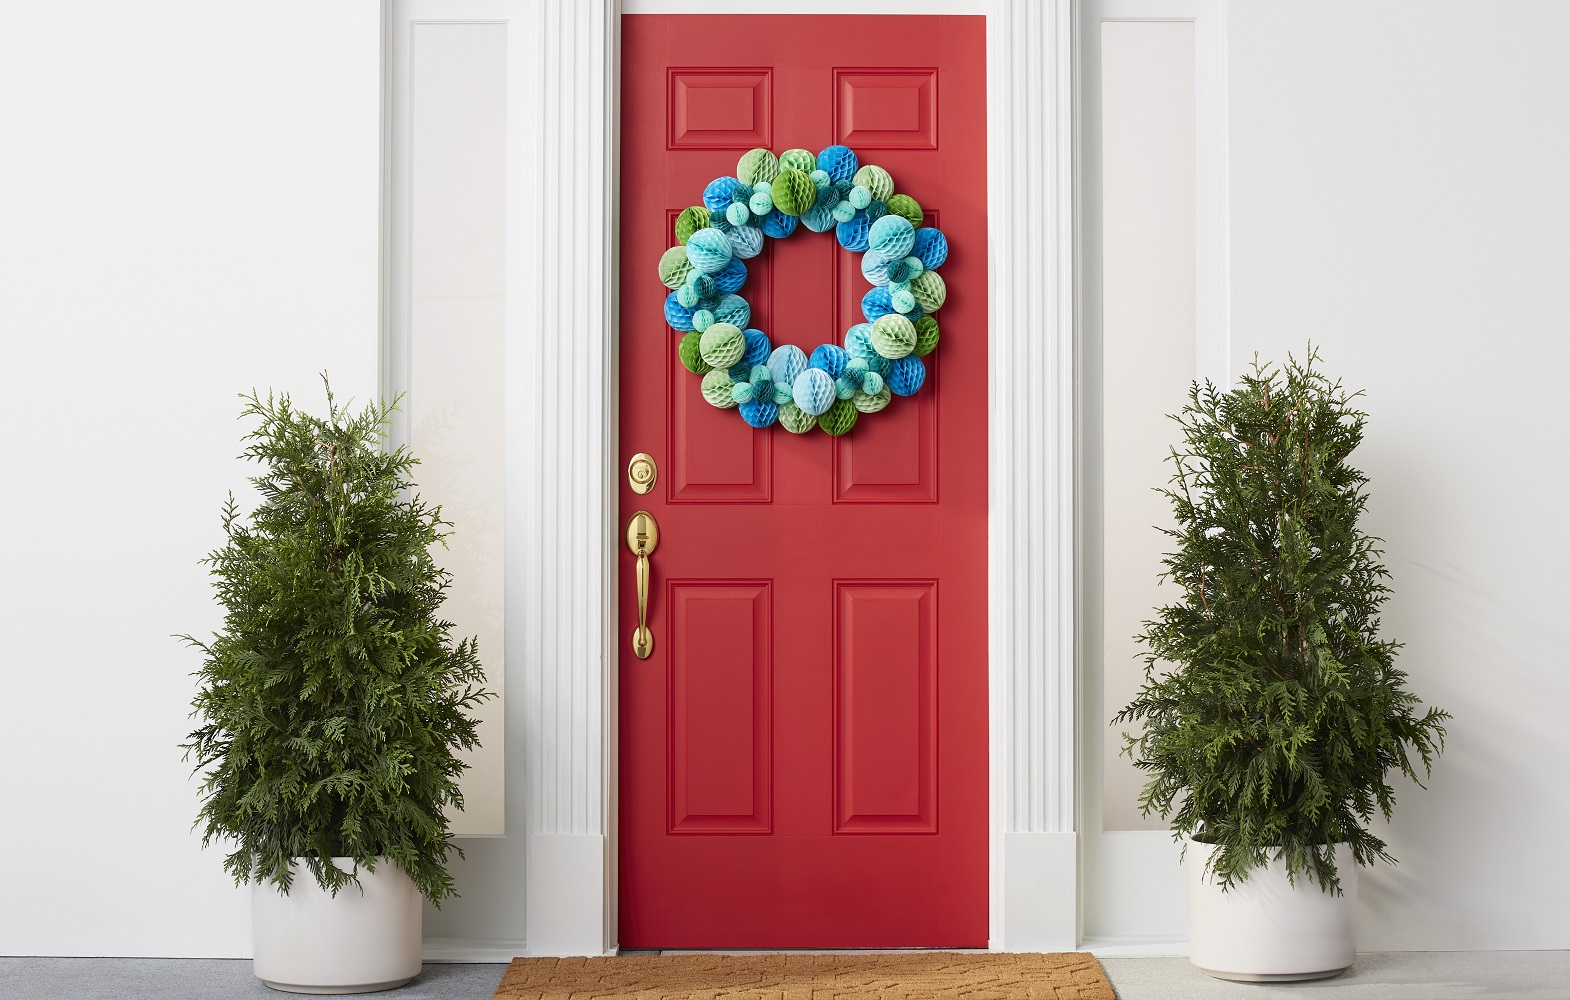 Holiday18_Campaign_Front_Door_Wreath-655-Hero.jpg